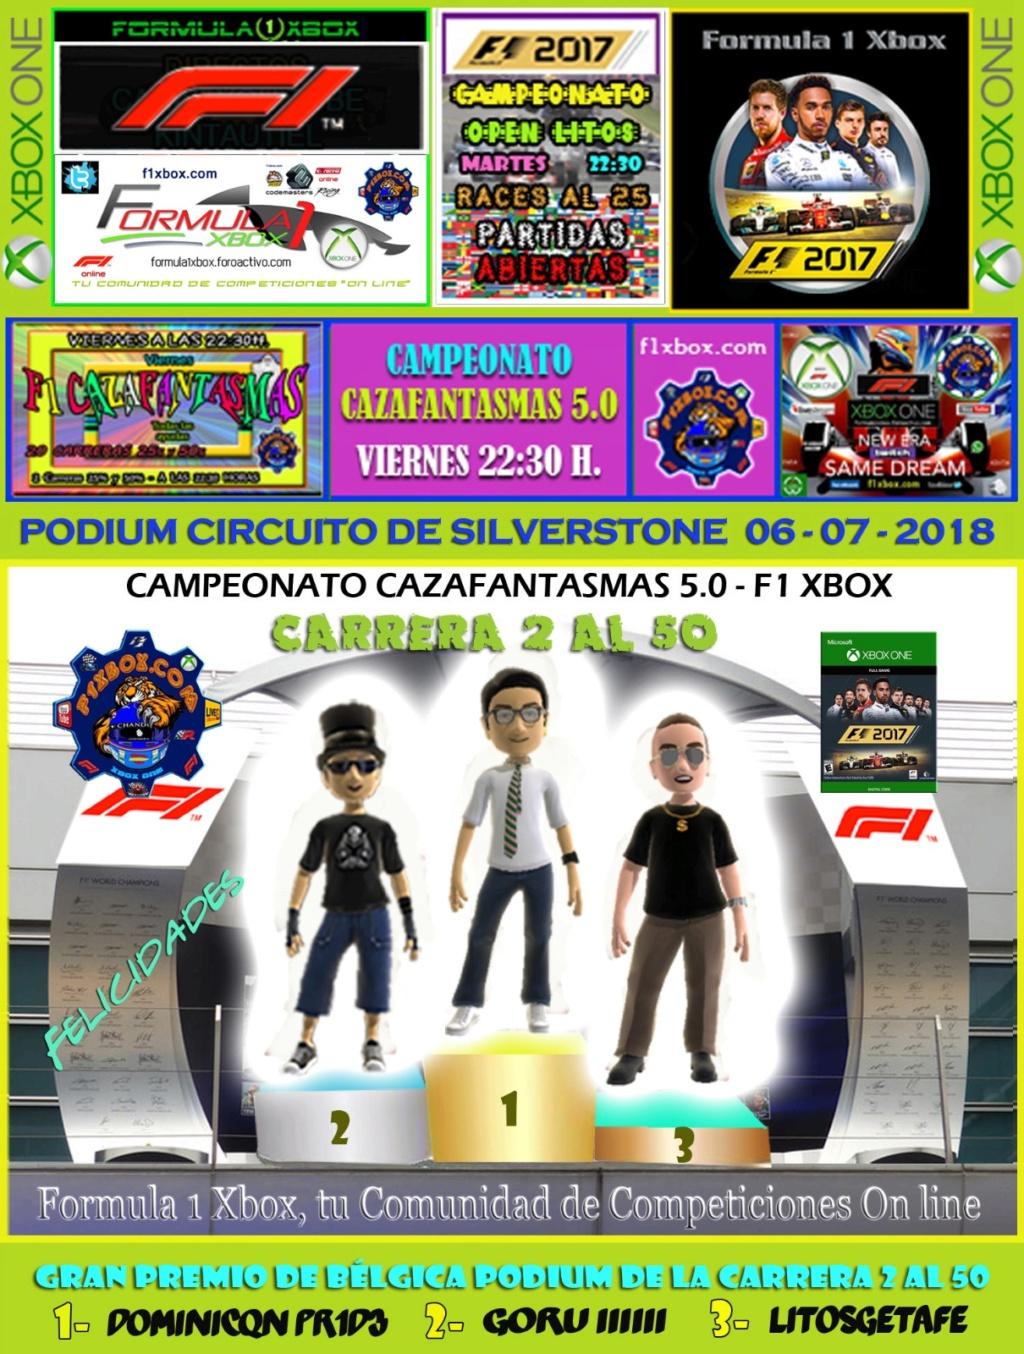 F1 2017 - XBOX ONE / CAMPEONATO CAZAFANTASMAS 5.0 - F1 XBOX / RESULTADOS Y PODIUMS DE LAS 2 CARRERAS EN GRAN BRETAÑA/ VIERNES 06 - 07 - 2018. 4469cb11